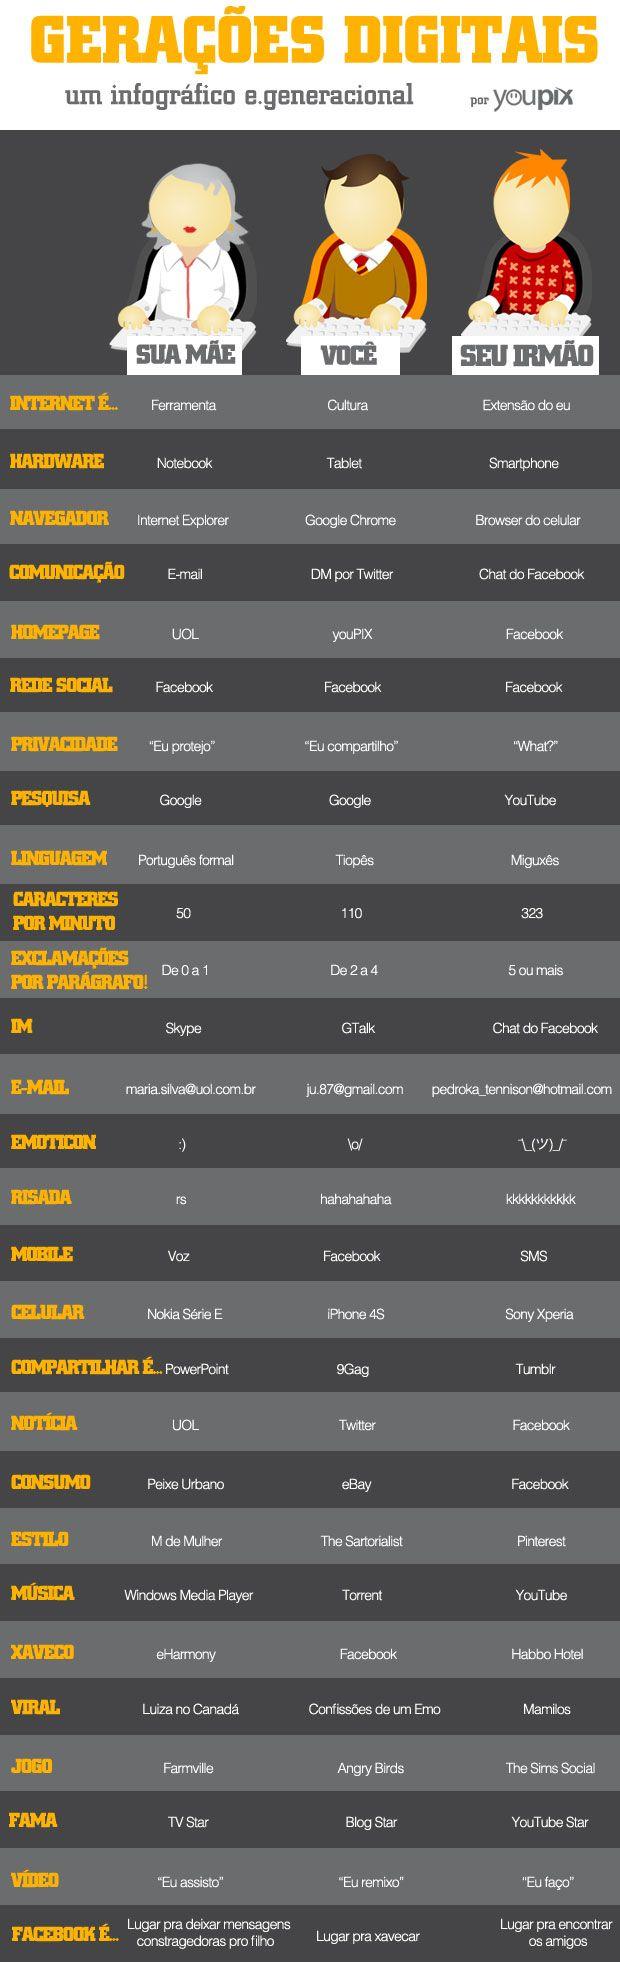 Infográfico totalmente excelente do @youpix falando sobre as gerações digitais